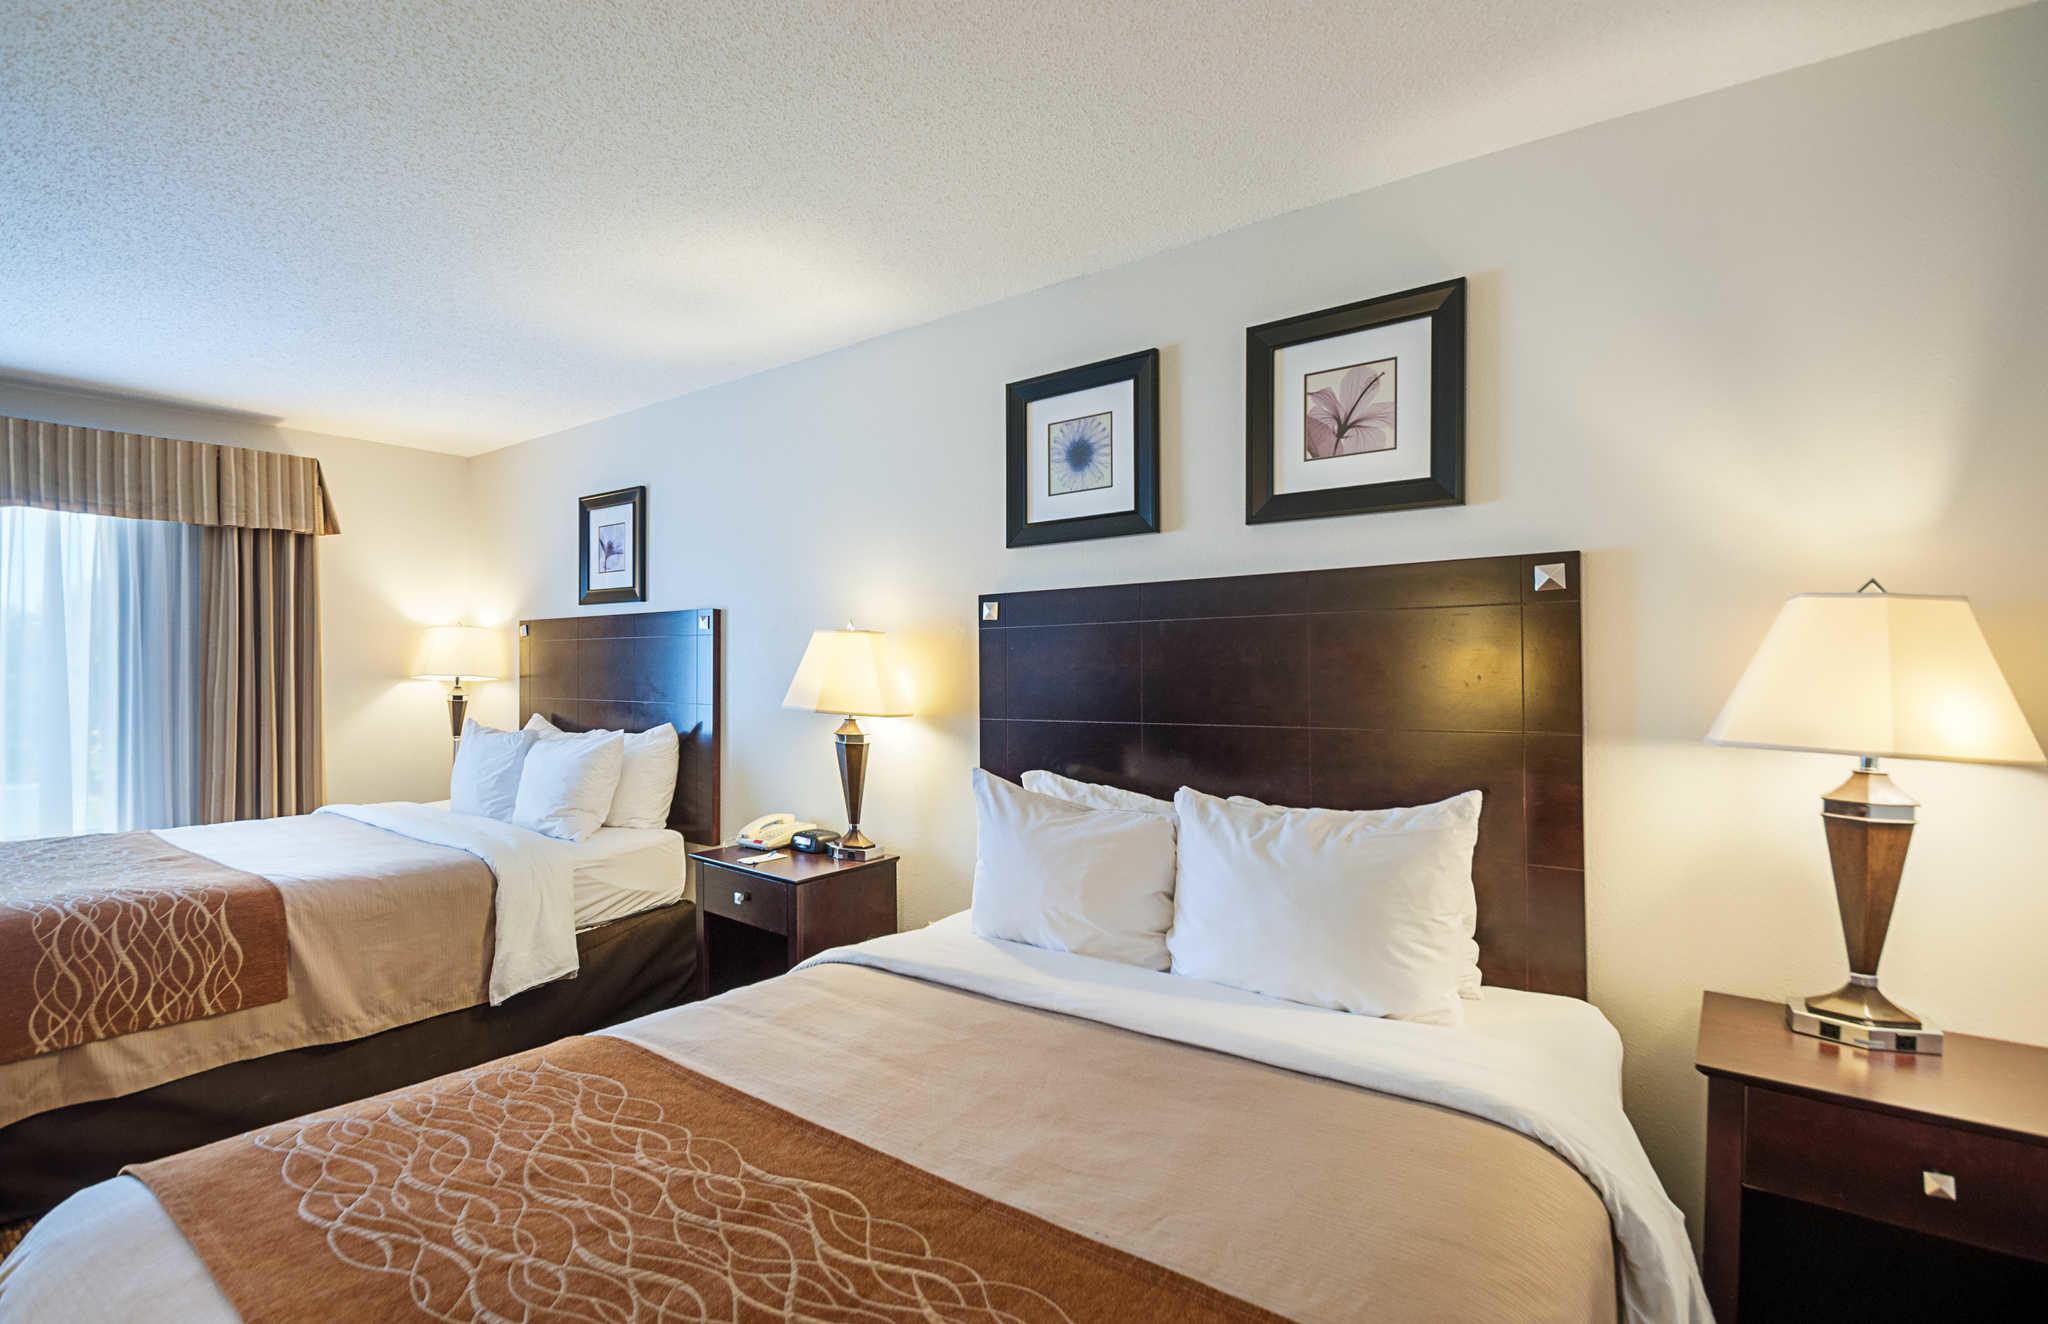 Comfort Inn & Suites Cambridge image 14